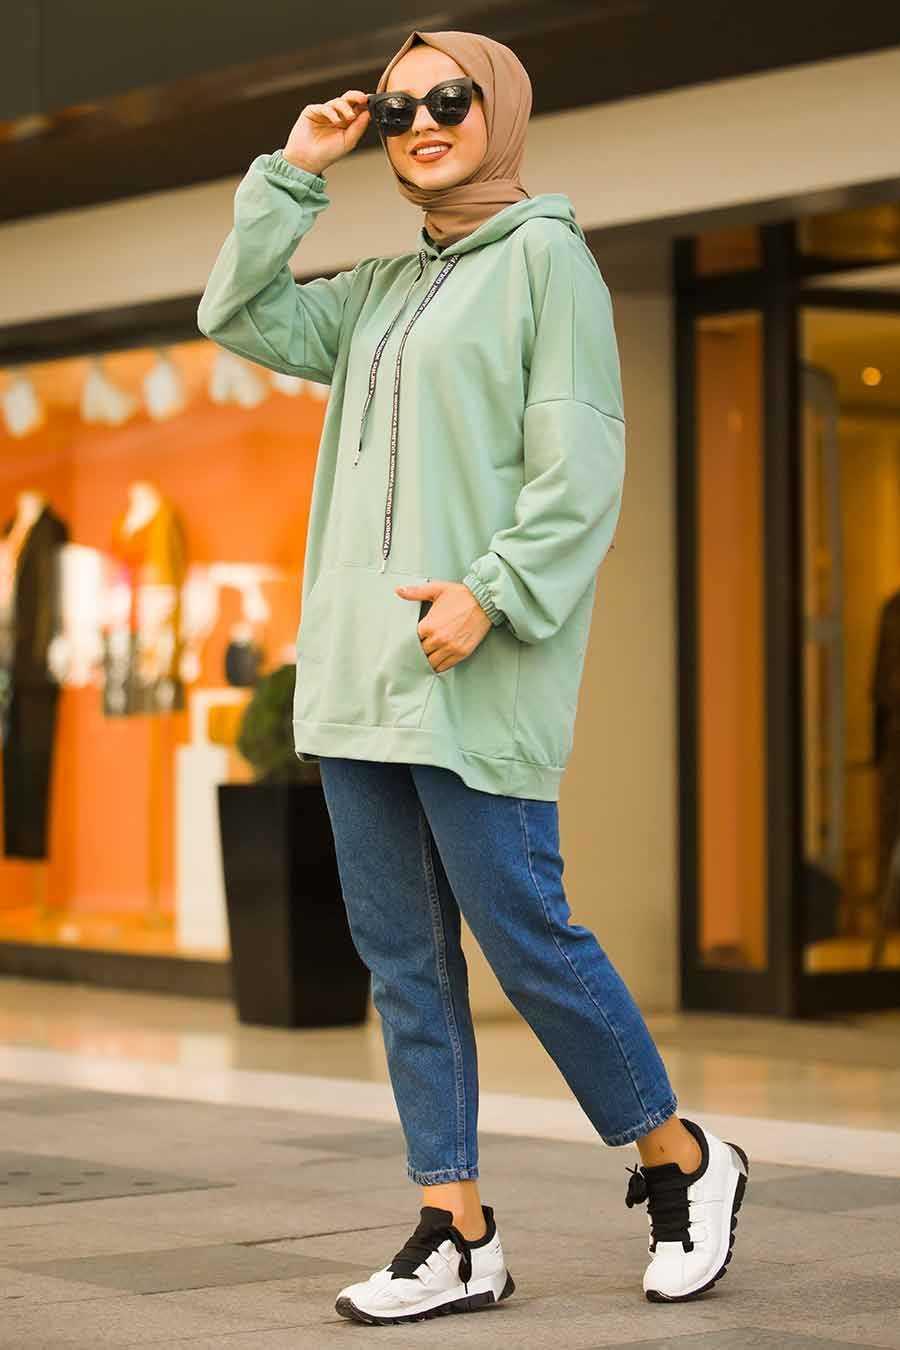 Neva Style Tesettür Cepli Sweatshirt Modelleri